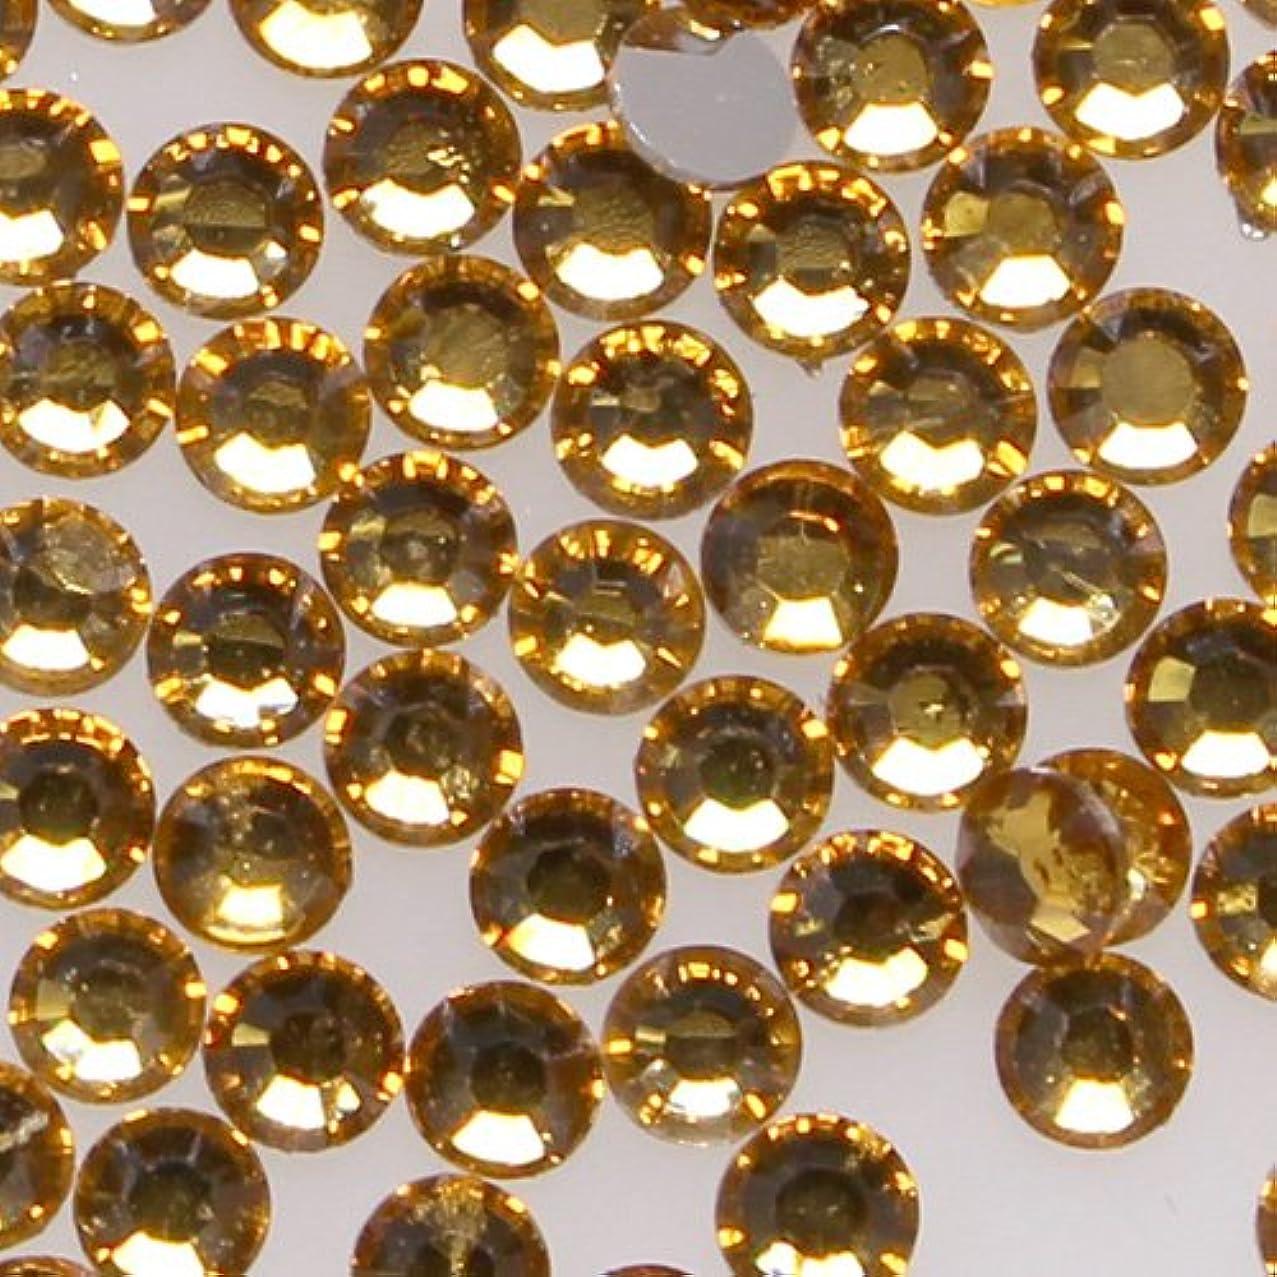 大きさマーティンルーサーキングジュニア干ばつ高品質 アクリルストーン ラインストーン ラウンドフラット 約1000粒入り 2mm トパーズ